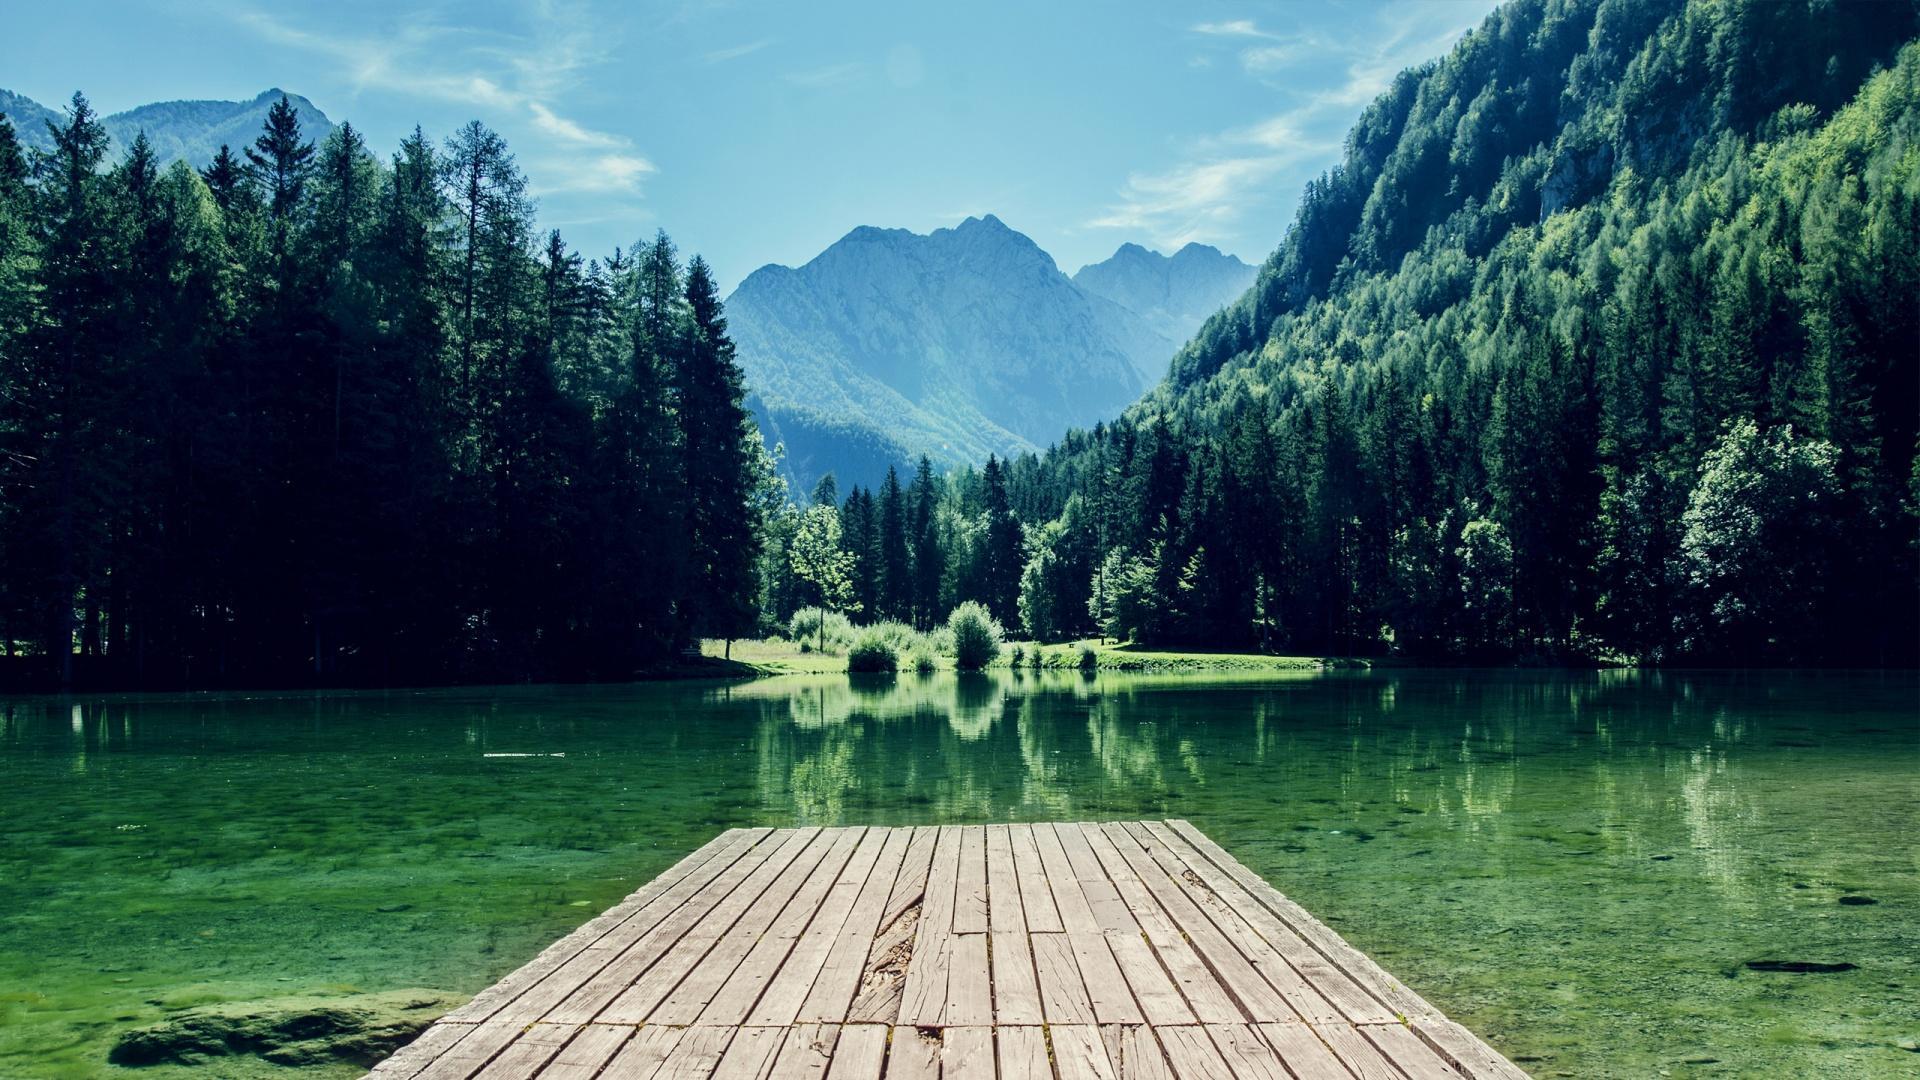 山水风景壁纸高清全屏 瀑布大森林山水风景桌面壁纸大全图片